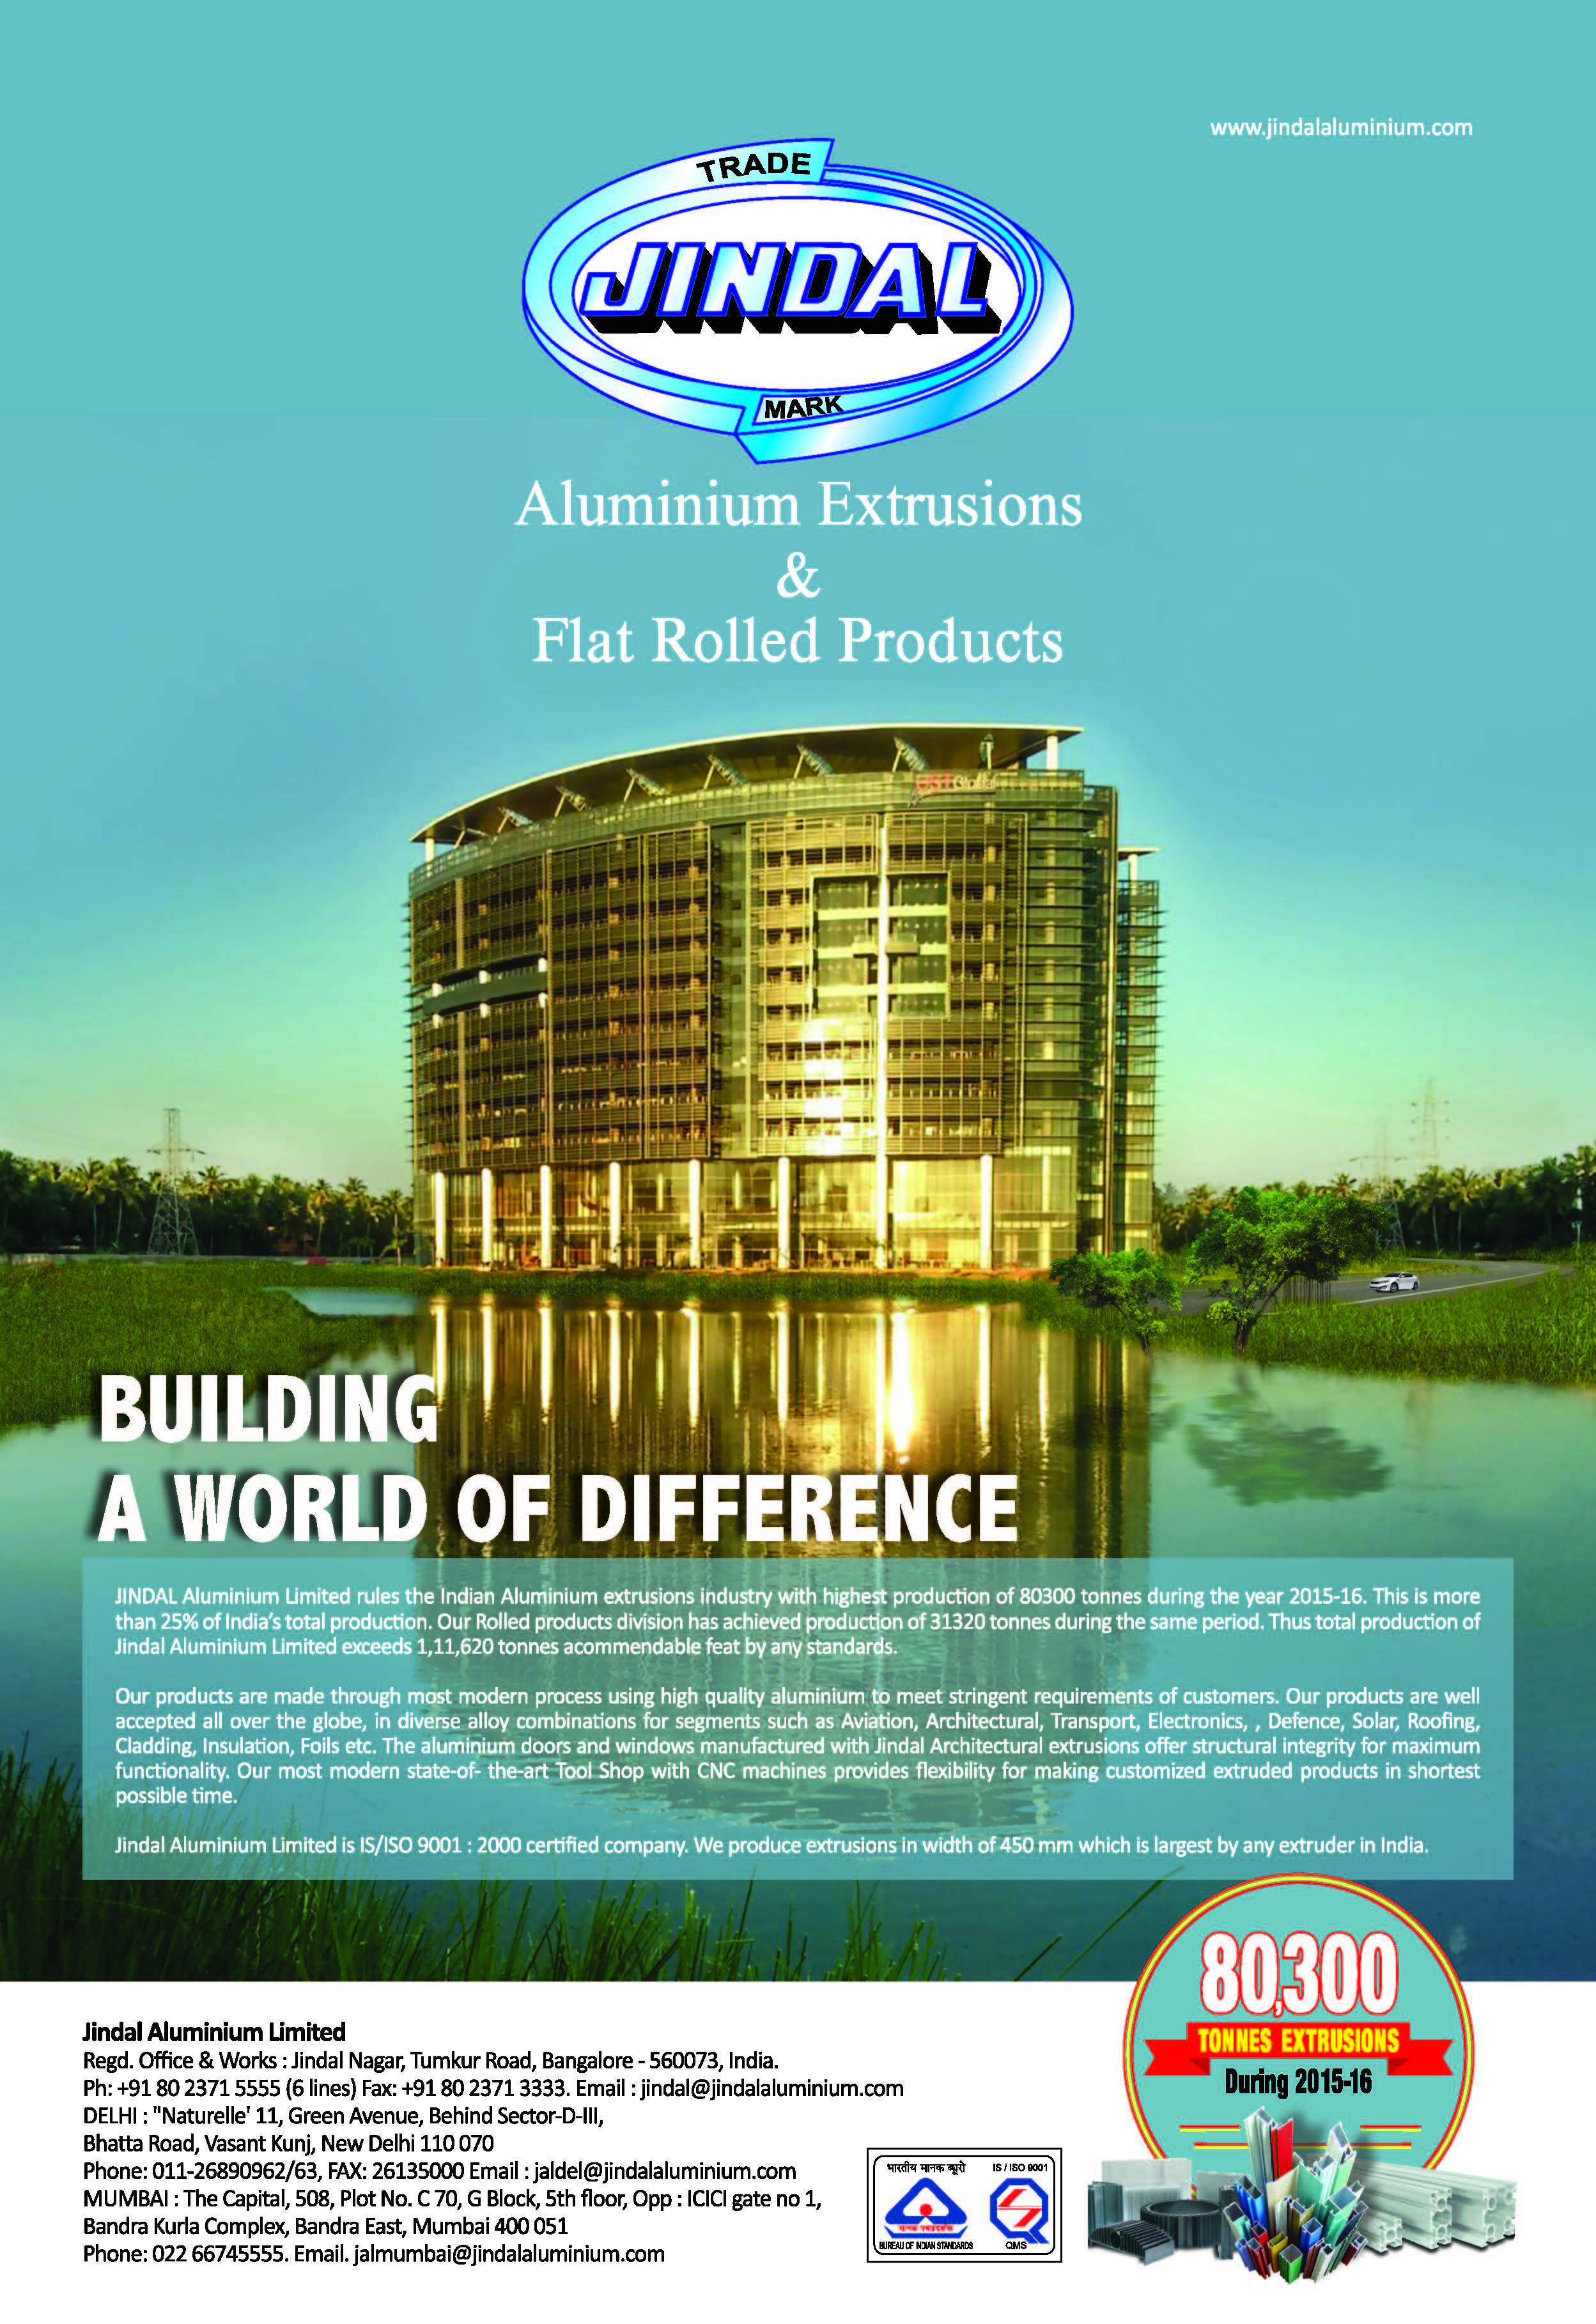 Aluminium Extrusions & Flat Rolled Products | Aluminium